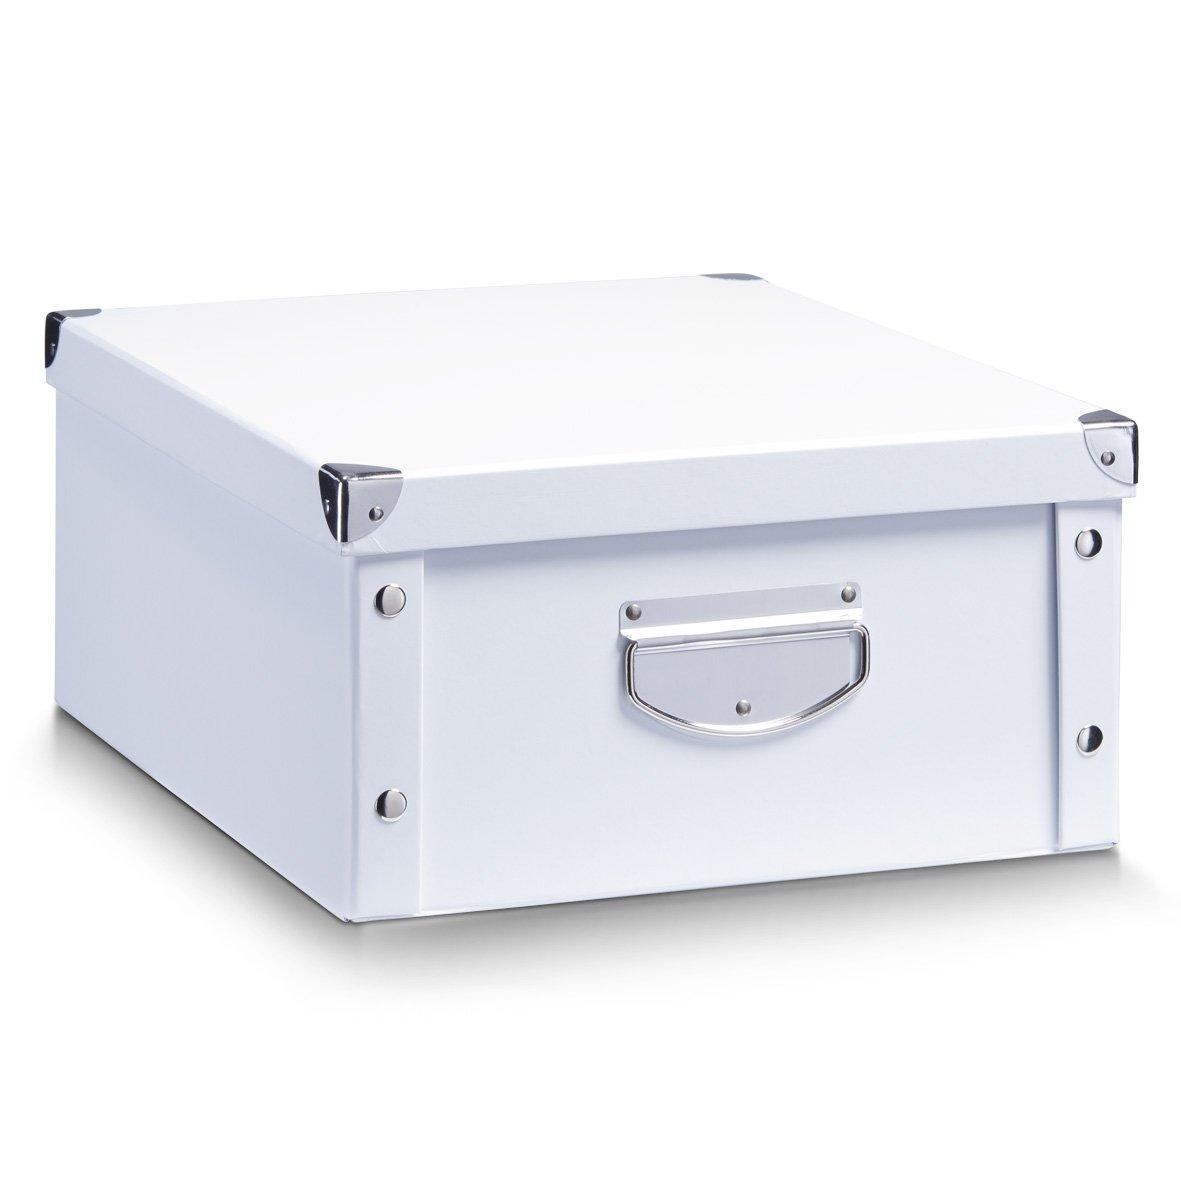 Zeller 17764 Caja de almacenaje de cartón Blanco (White) 40 x 33 x 17 cm: Amazon.es: Hogar